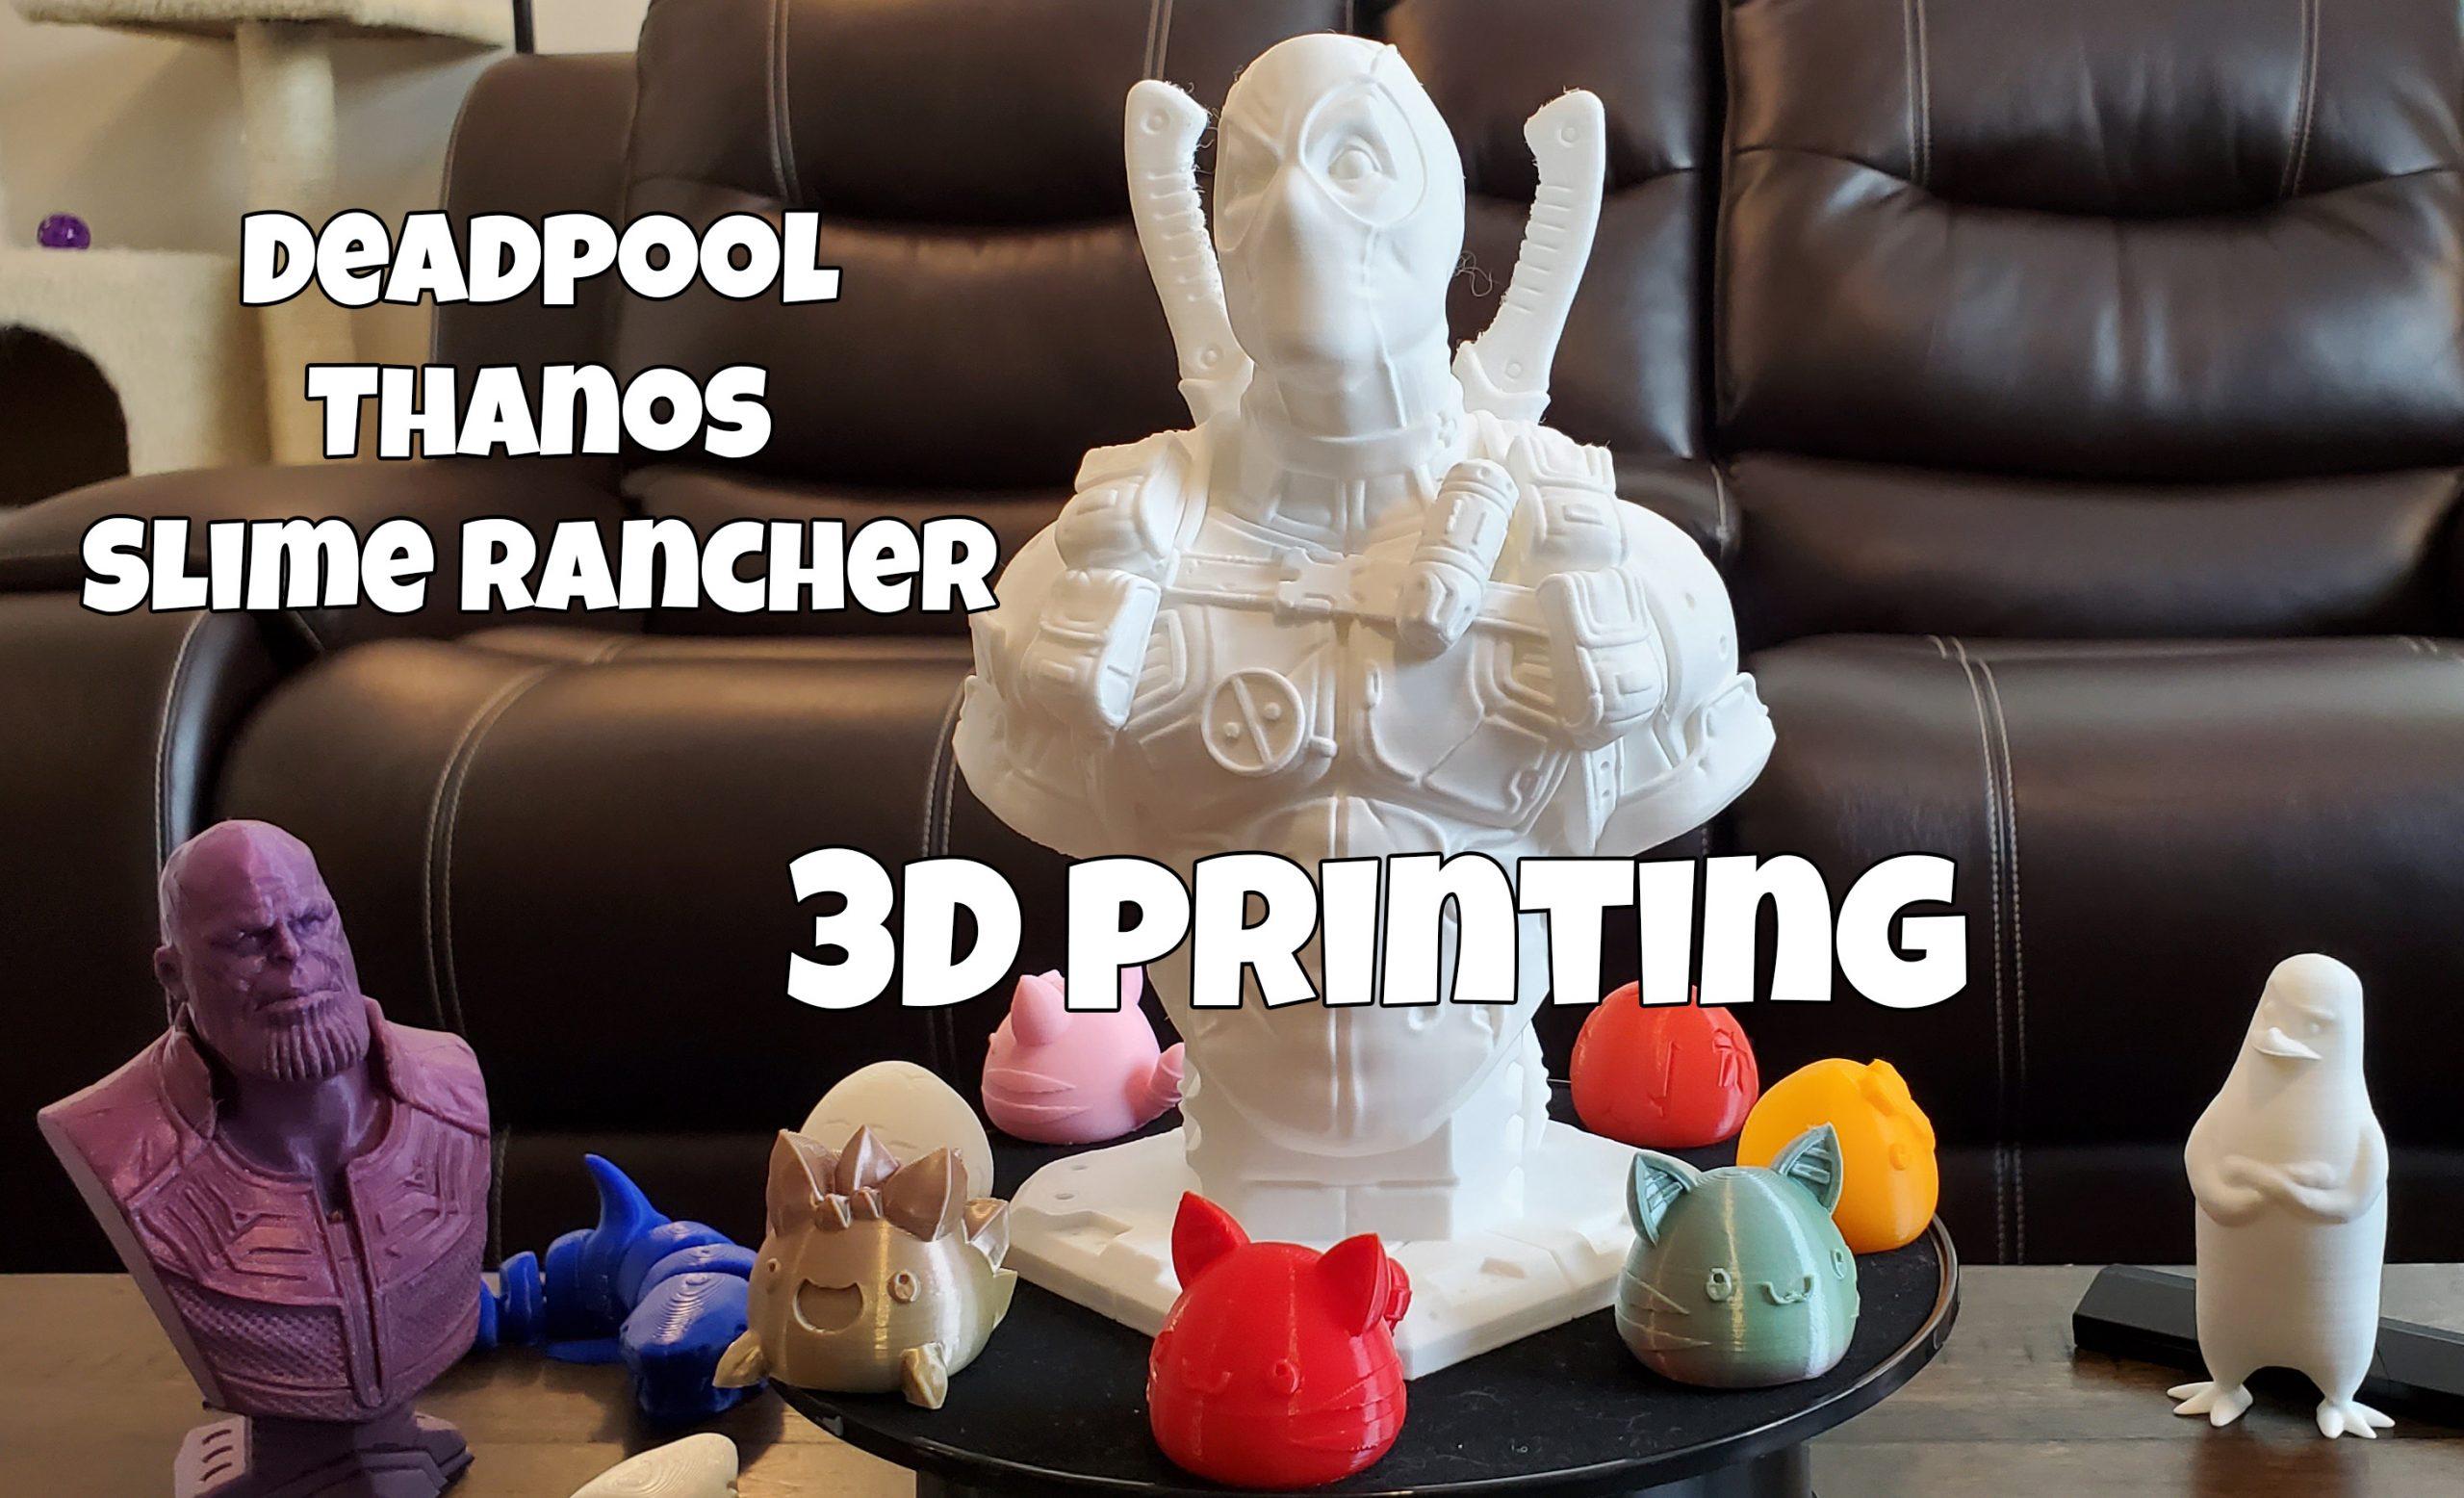 3D printing Deadpool, Thanos and Kowalski